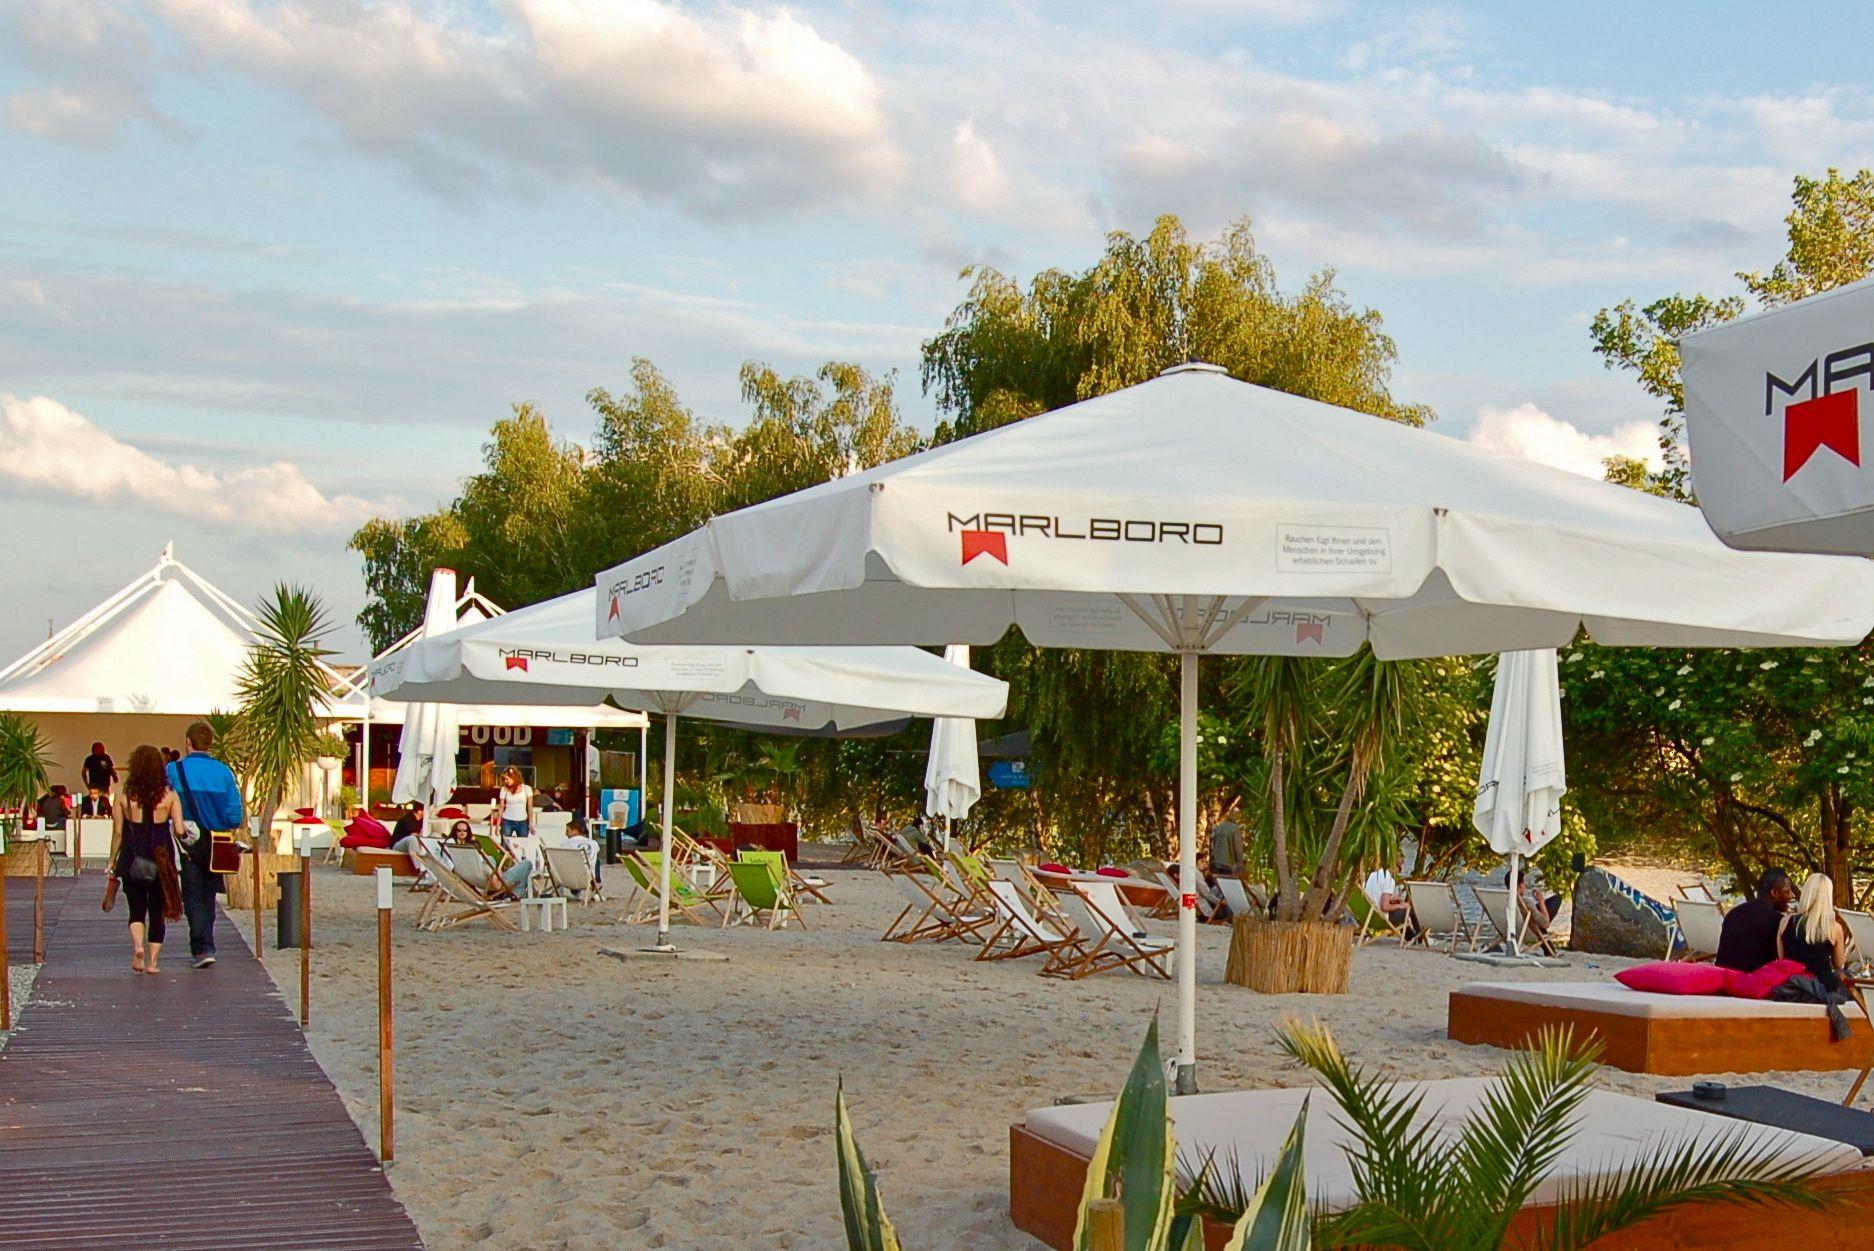 Strandgut Berlin: Strandbar, Restaurant, Clubbing